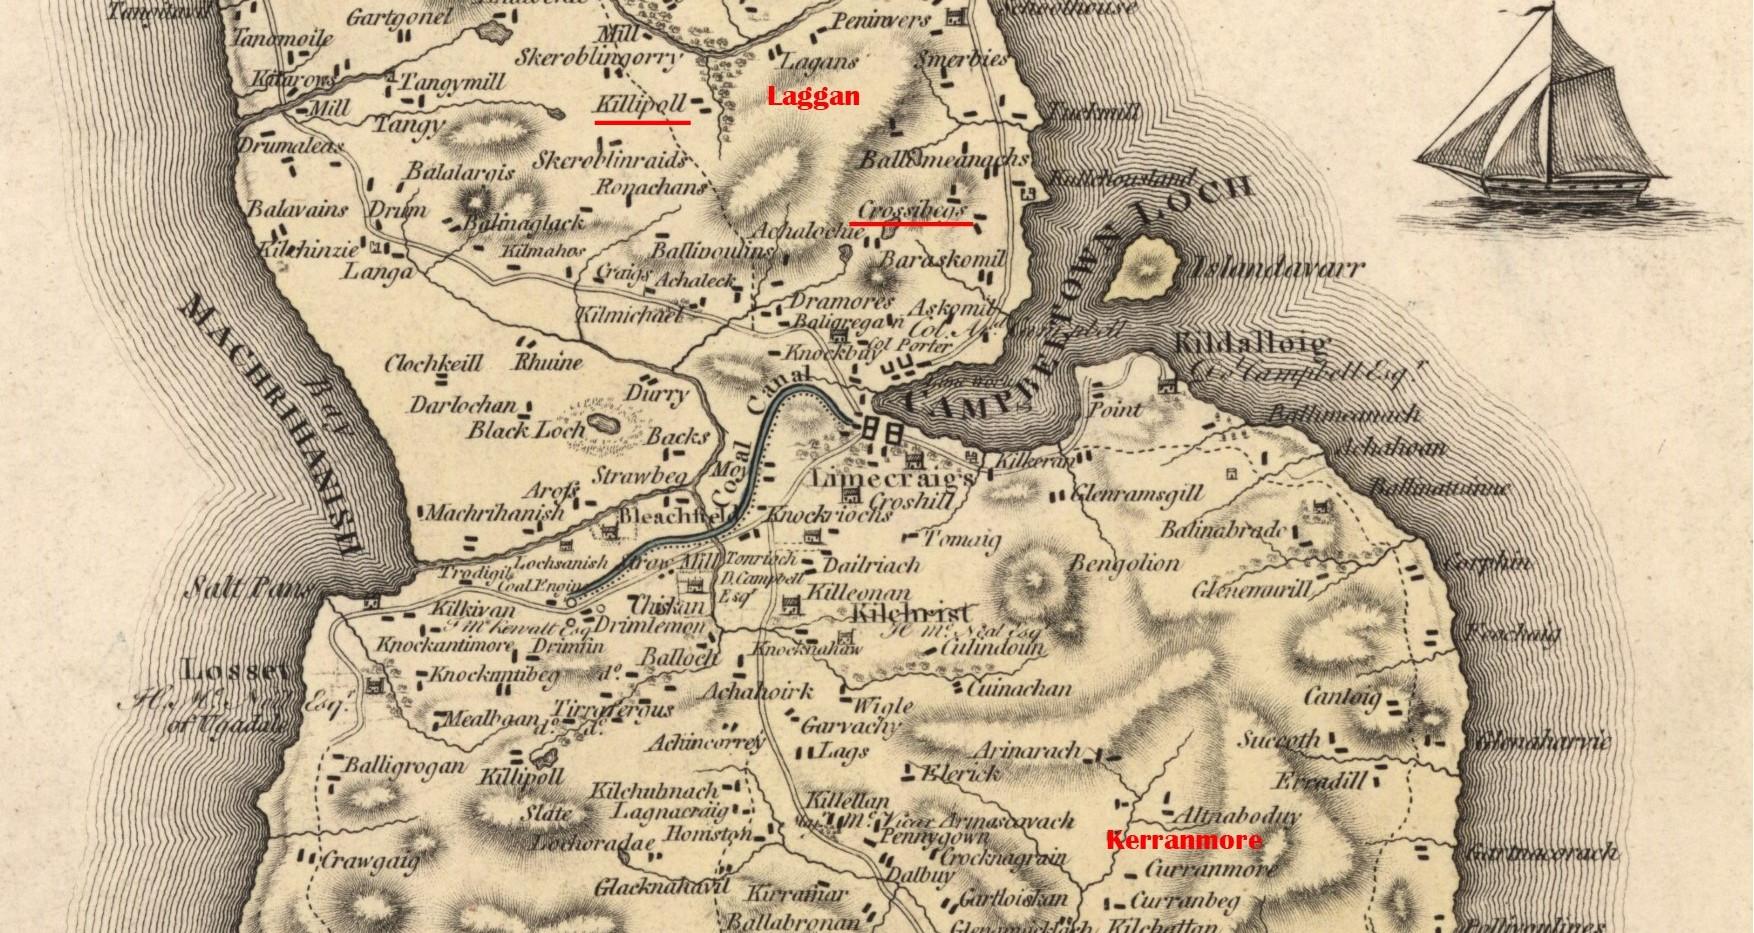 17. Marquis Landholdings